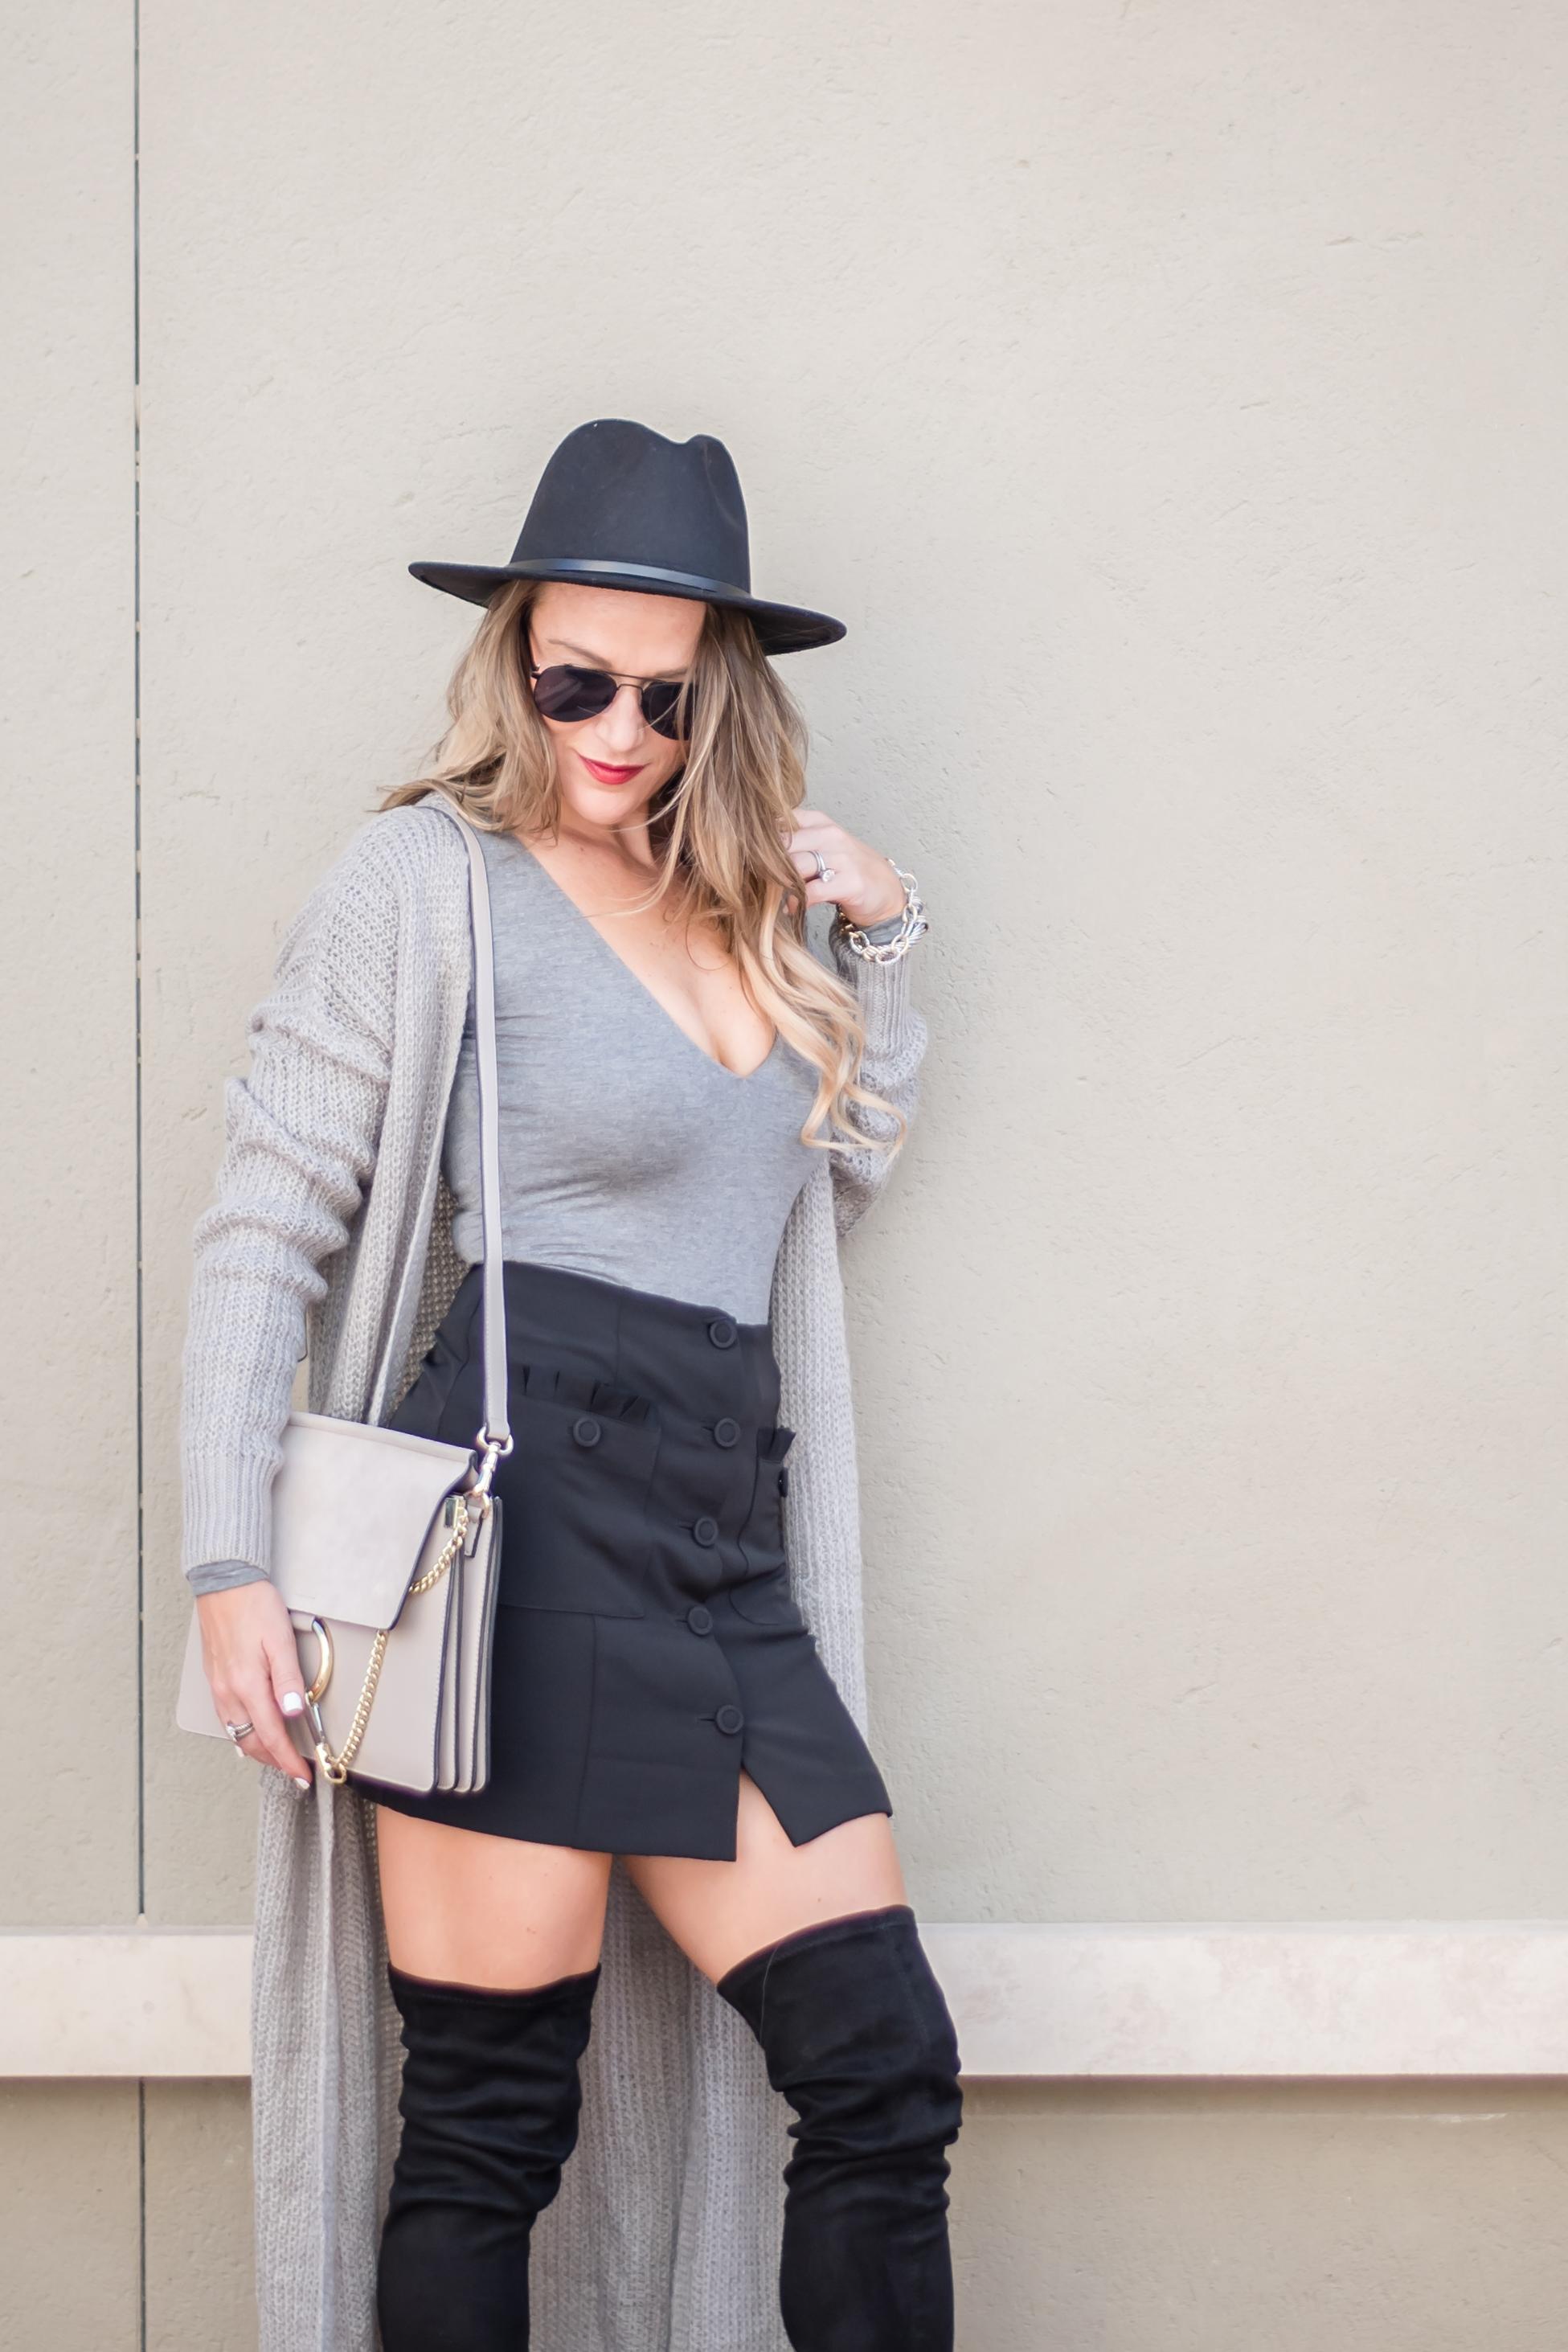 fashion-photoshoot-dellagio-orlando-photographer-yanitza-ninett-12.jpg